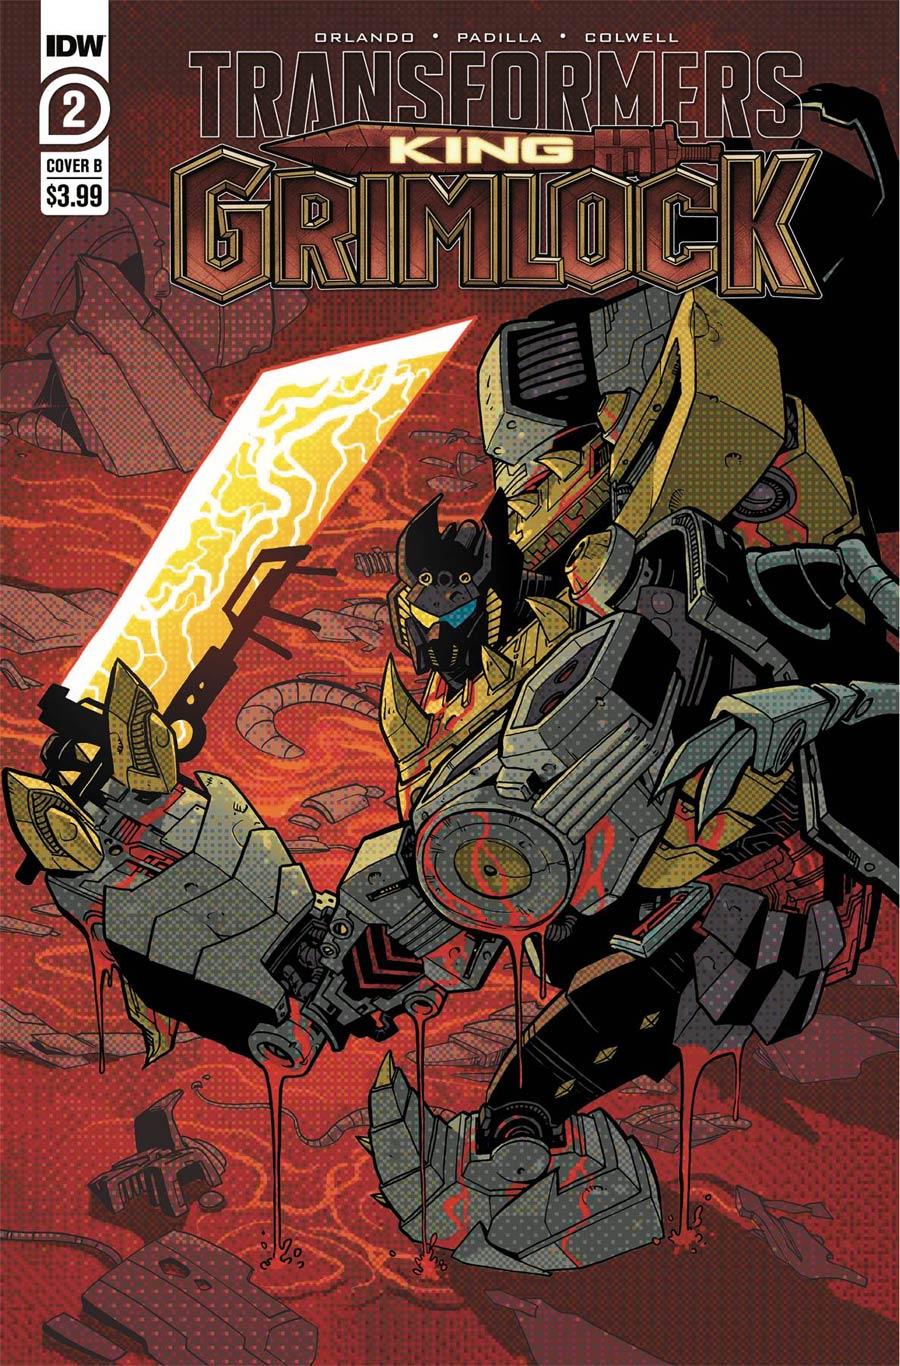 Transformers King Grimlock #2 Cover B Variant Ilias Kyriazis Cover